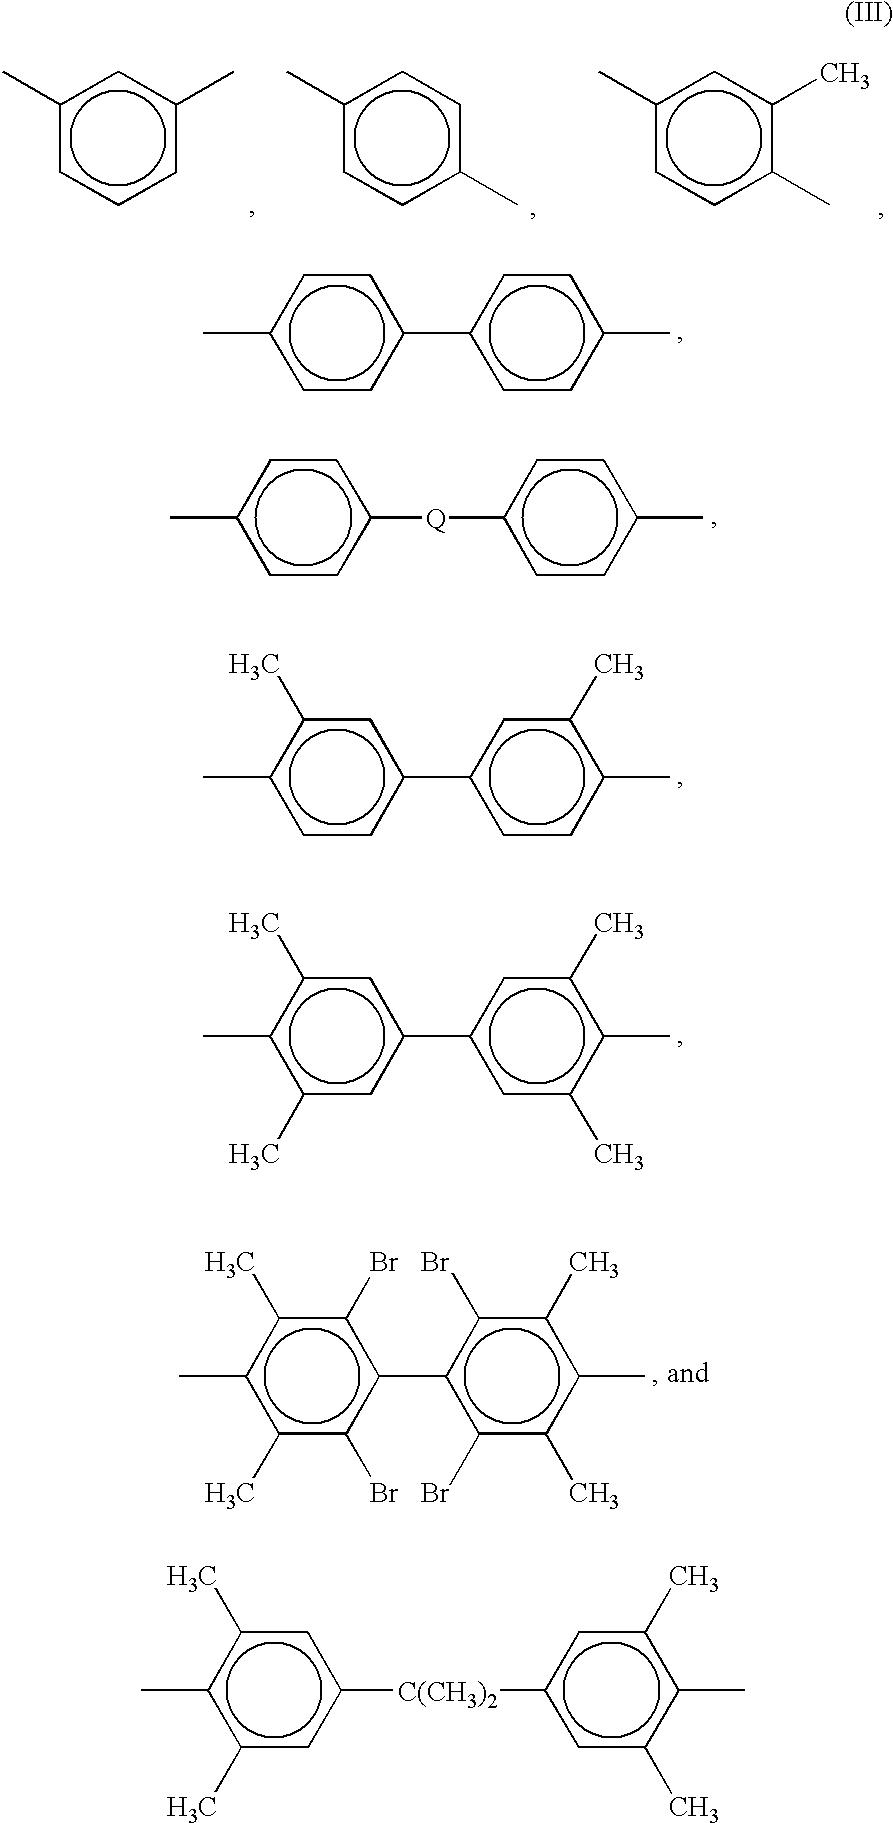 Figure US20030004268A1-20030102-C00003